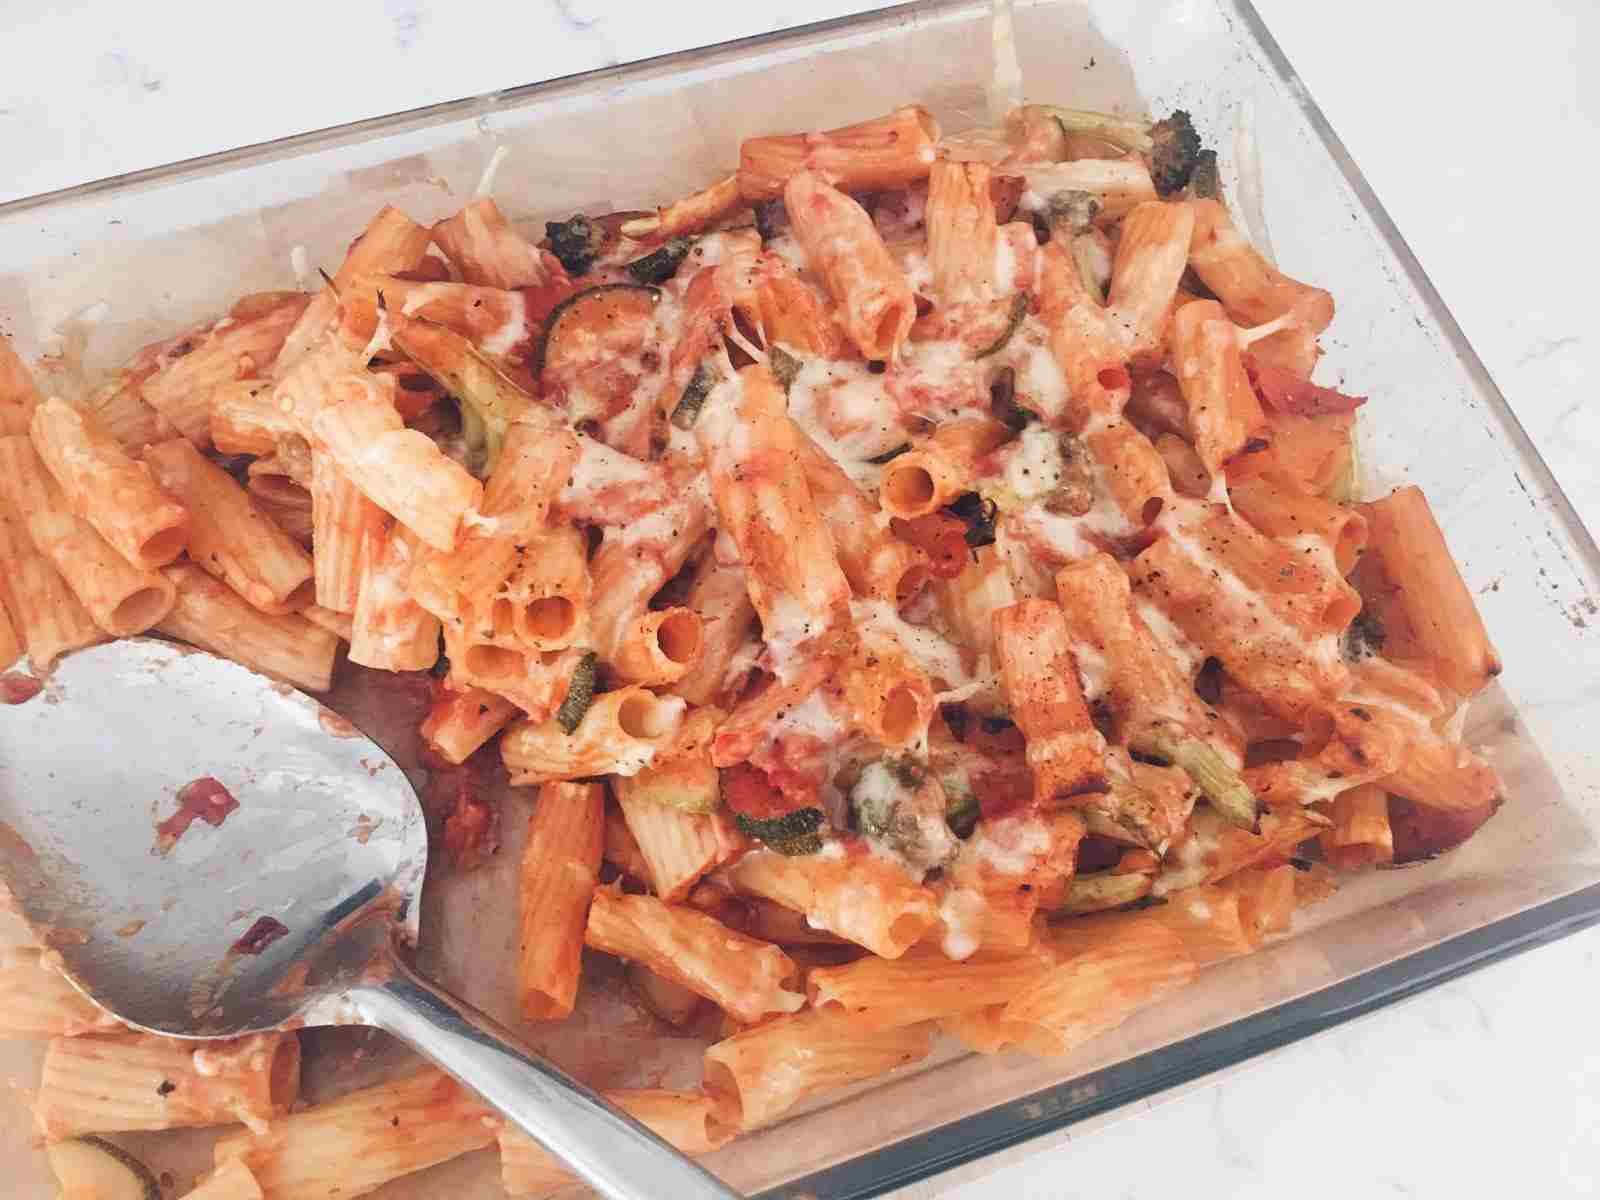 Spicy pasta bake